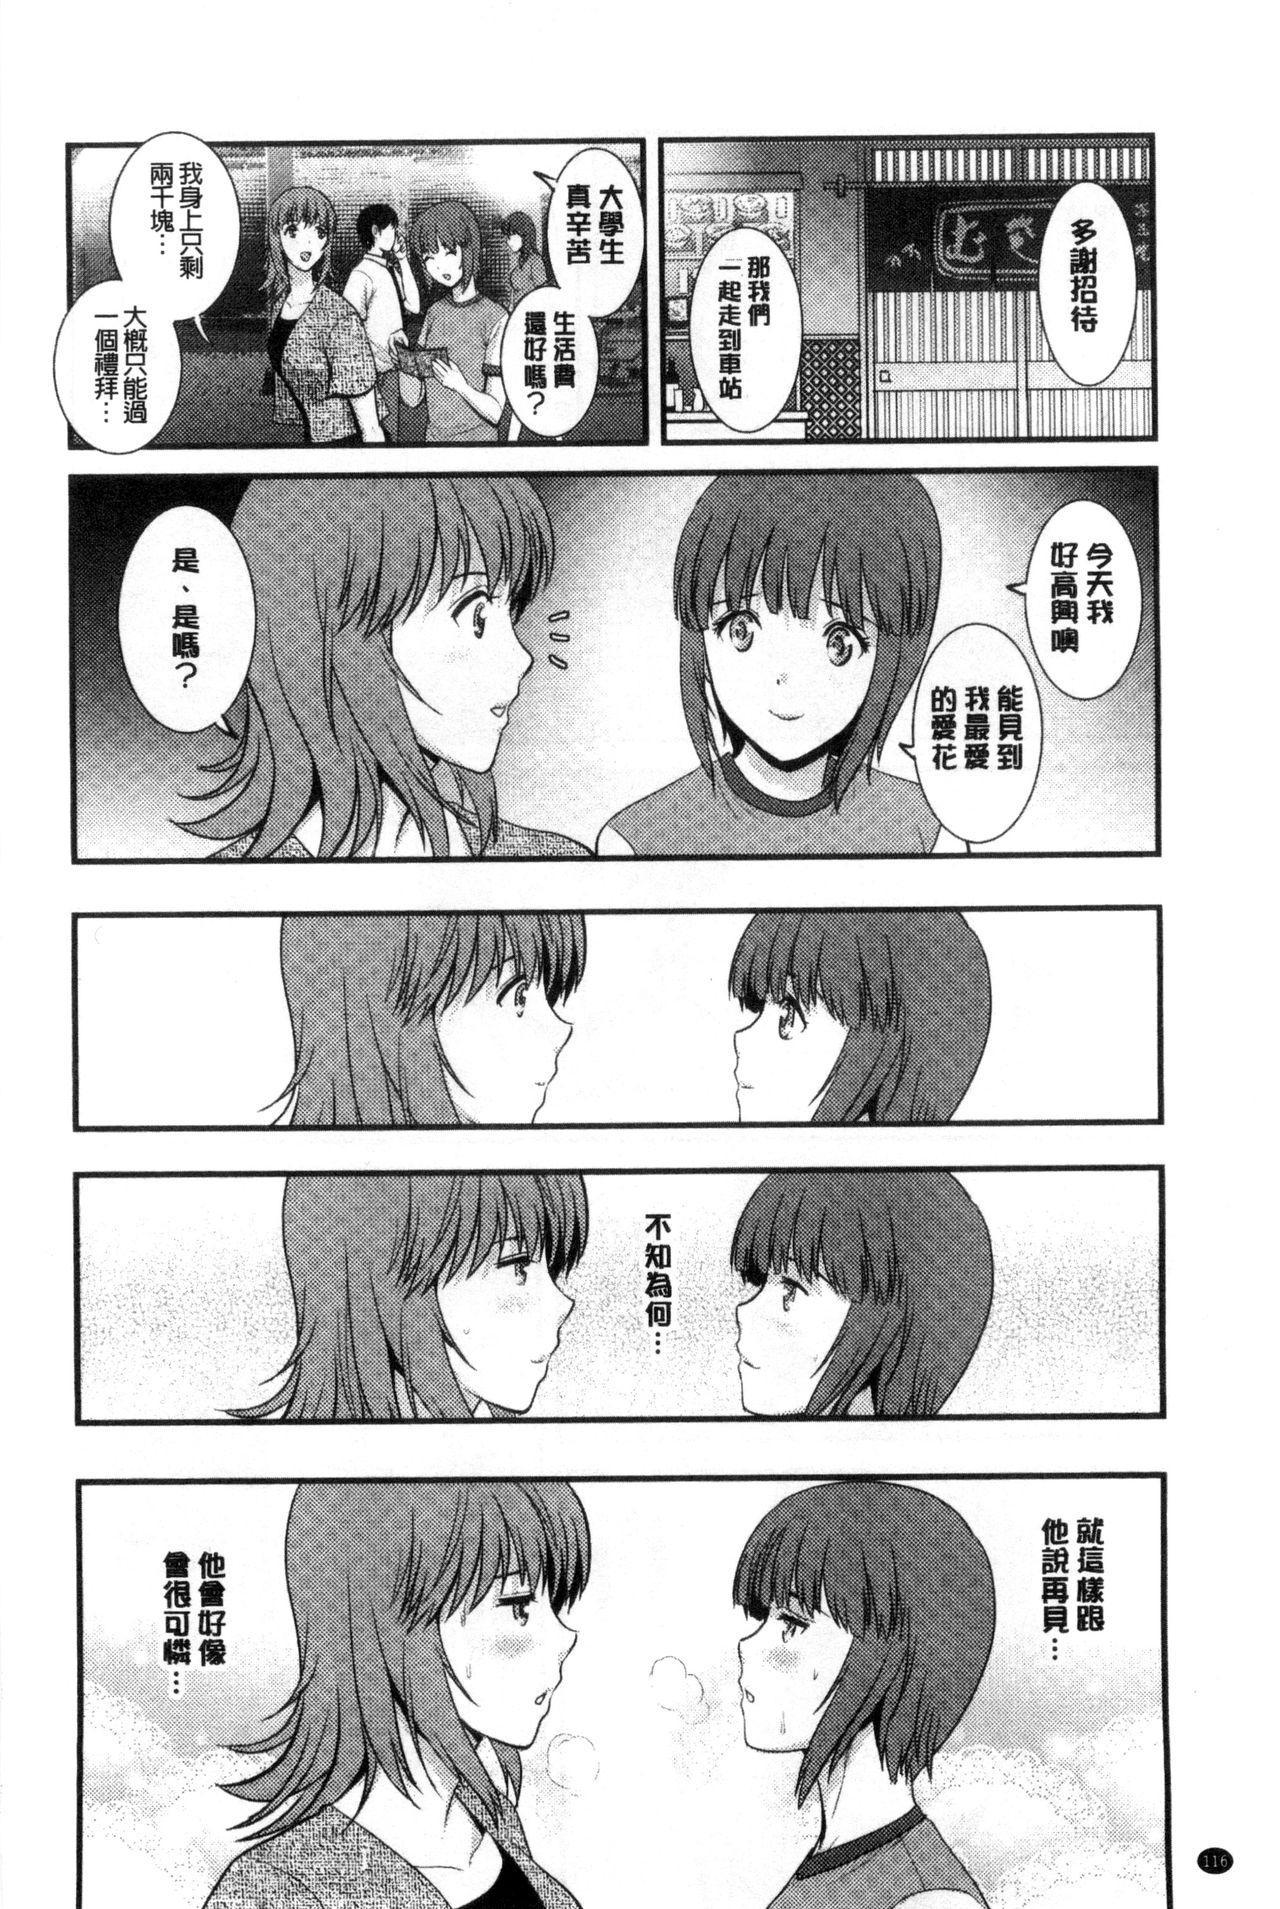 [Saigado] Part Time Manaka-san Wakazuma Enjokousai-ki | 兼職打工的愛花小姐 [Chinese] 116